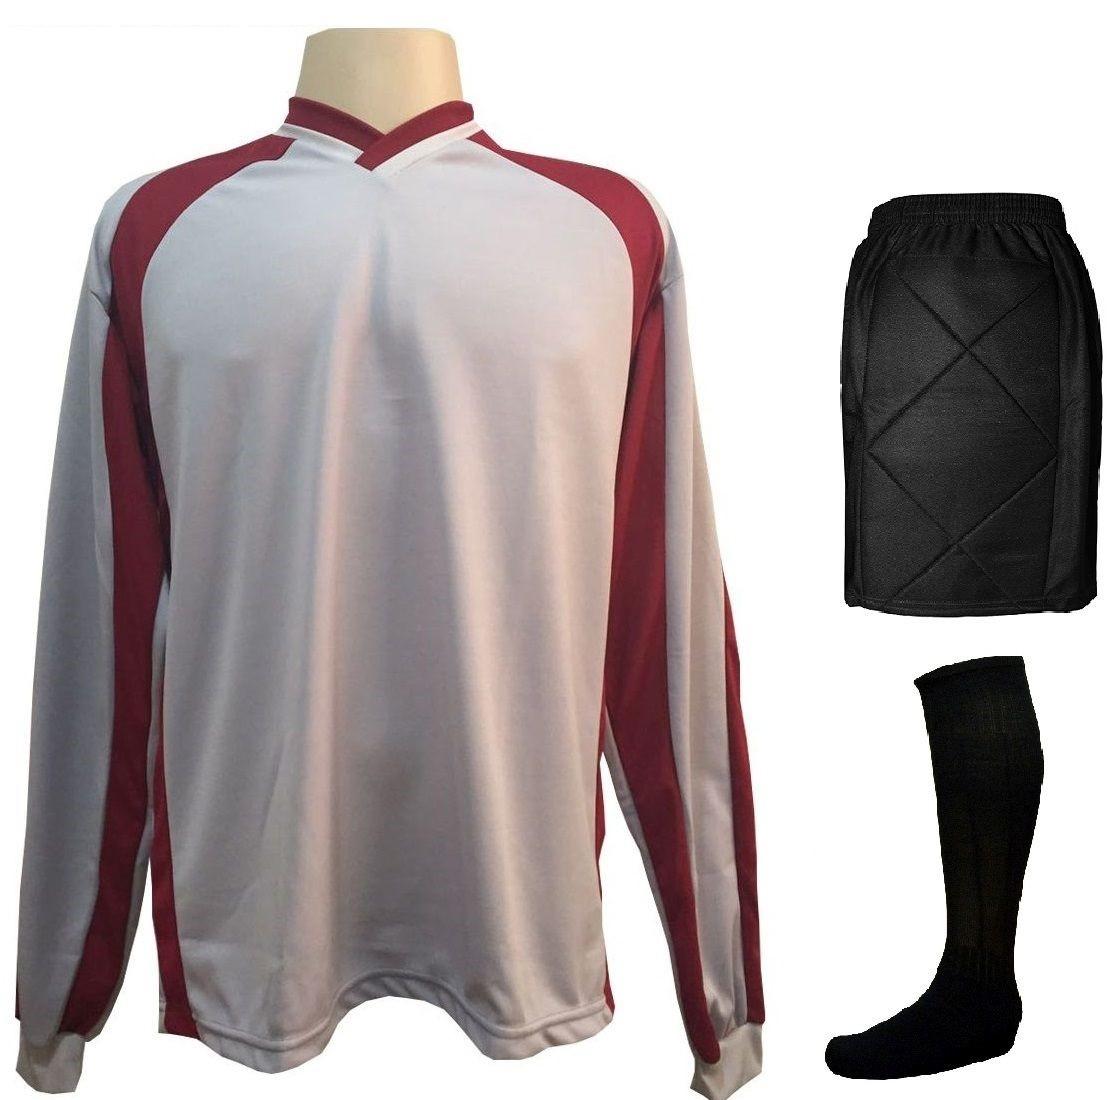 Fardamento Completo modelo Columbus 18+2 (18 Camisas Royal/Branco + 18 Calções Madrid Royal + 18 Pares de Meiões Brancos + 2 Conjuntos de Goleiro) + Brindes